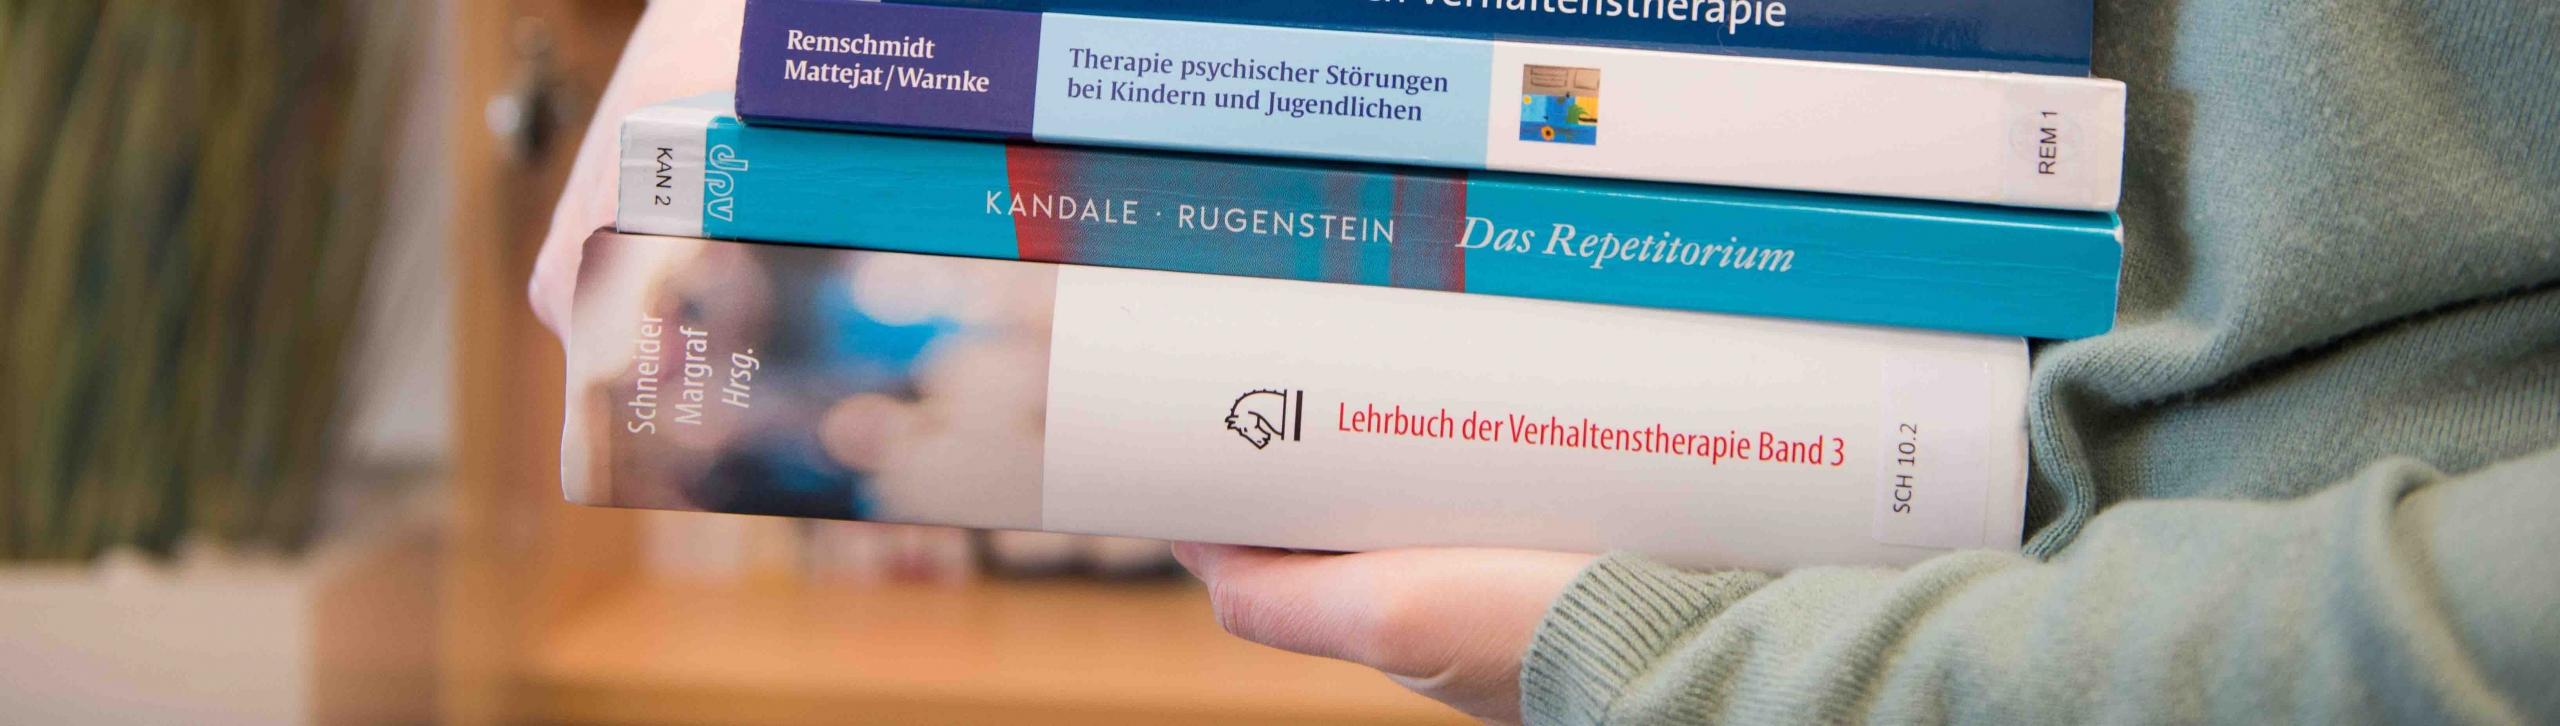 Bücher, die getragen werden